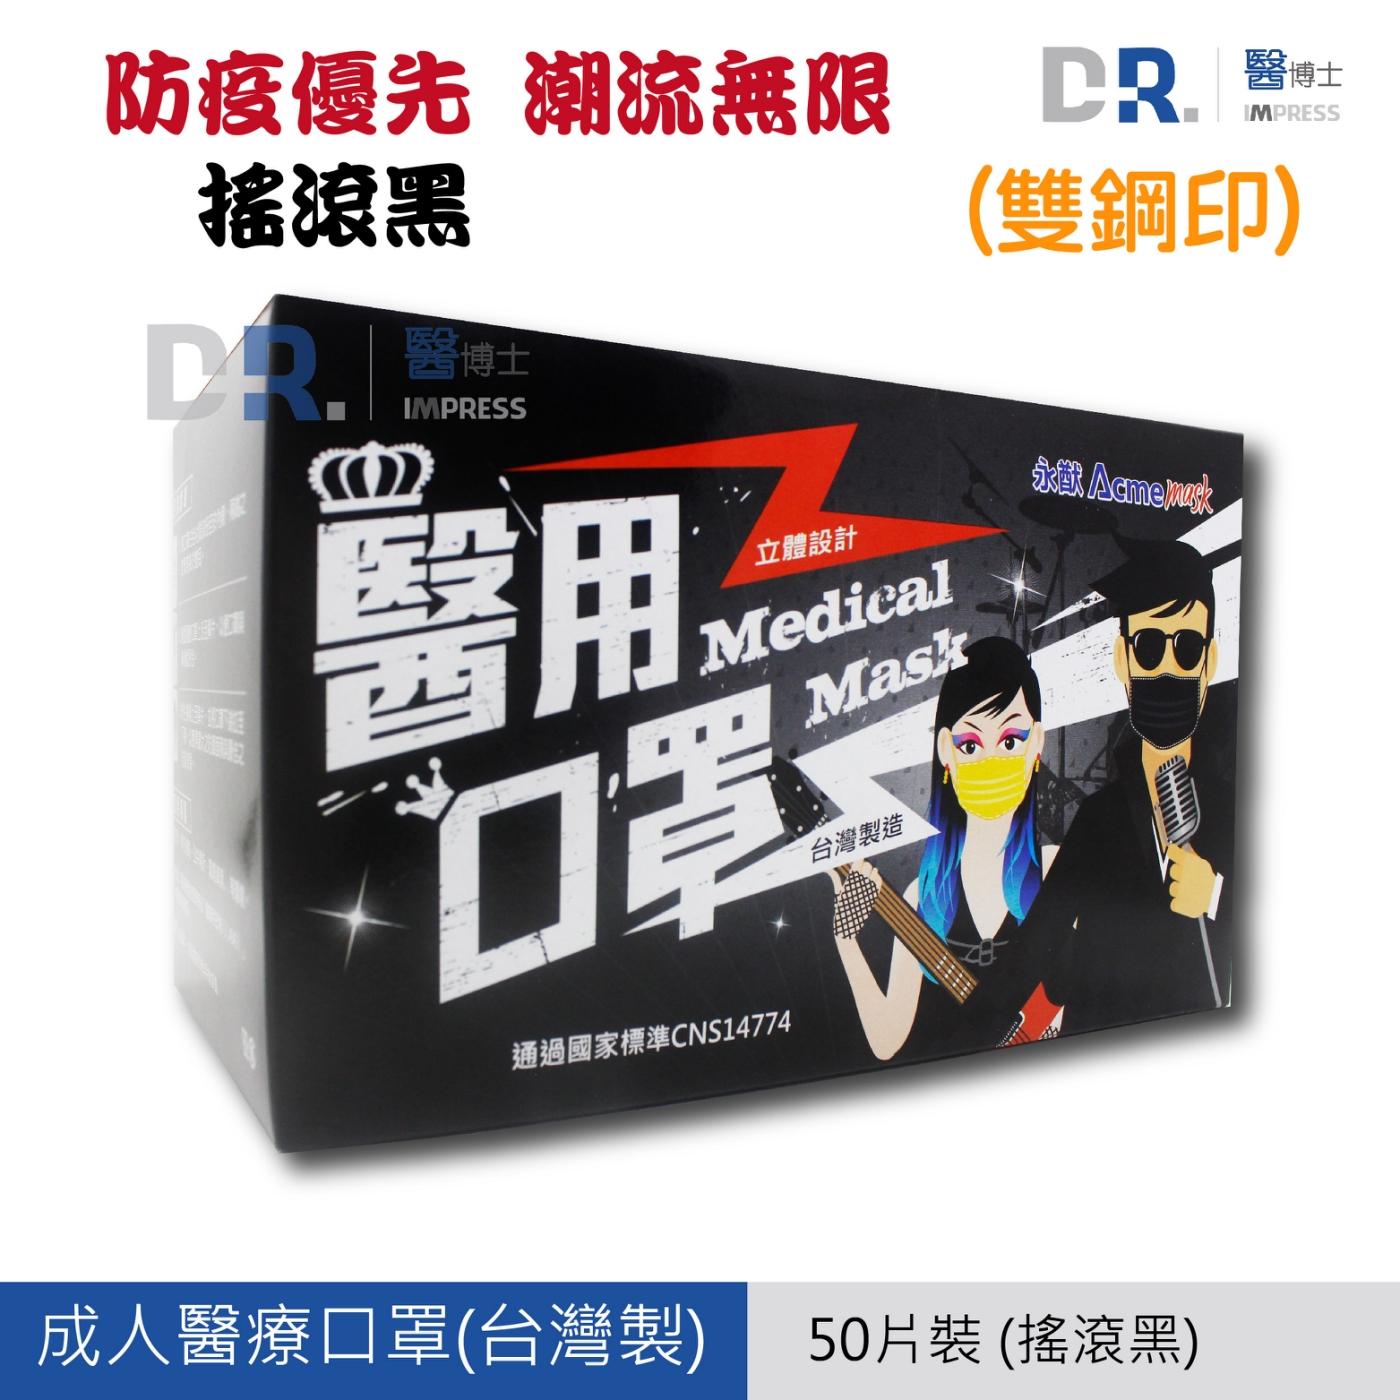 【醫博士】永猷 醫療用口罩(成人 搖滾黑色) 50片/盒 ( 雙鋼印 現貨)